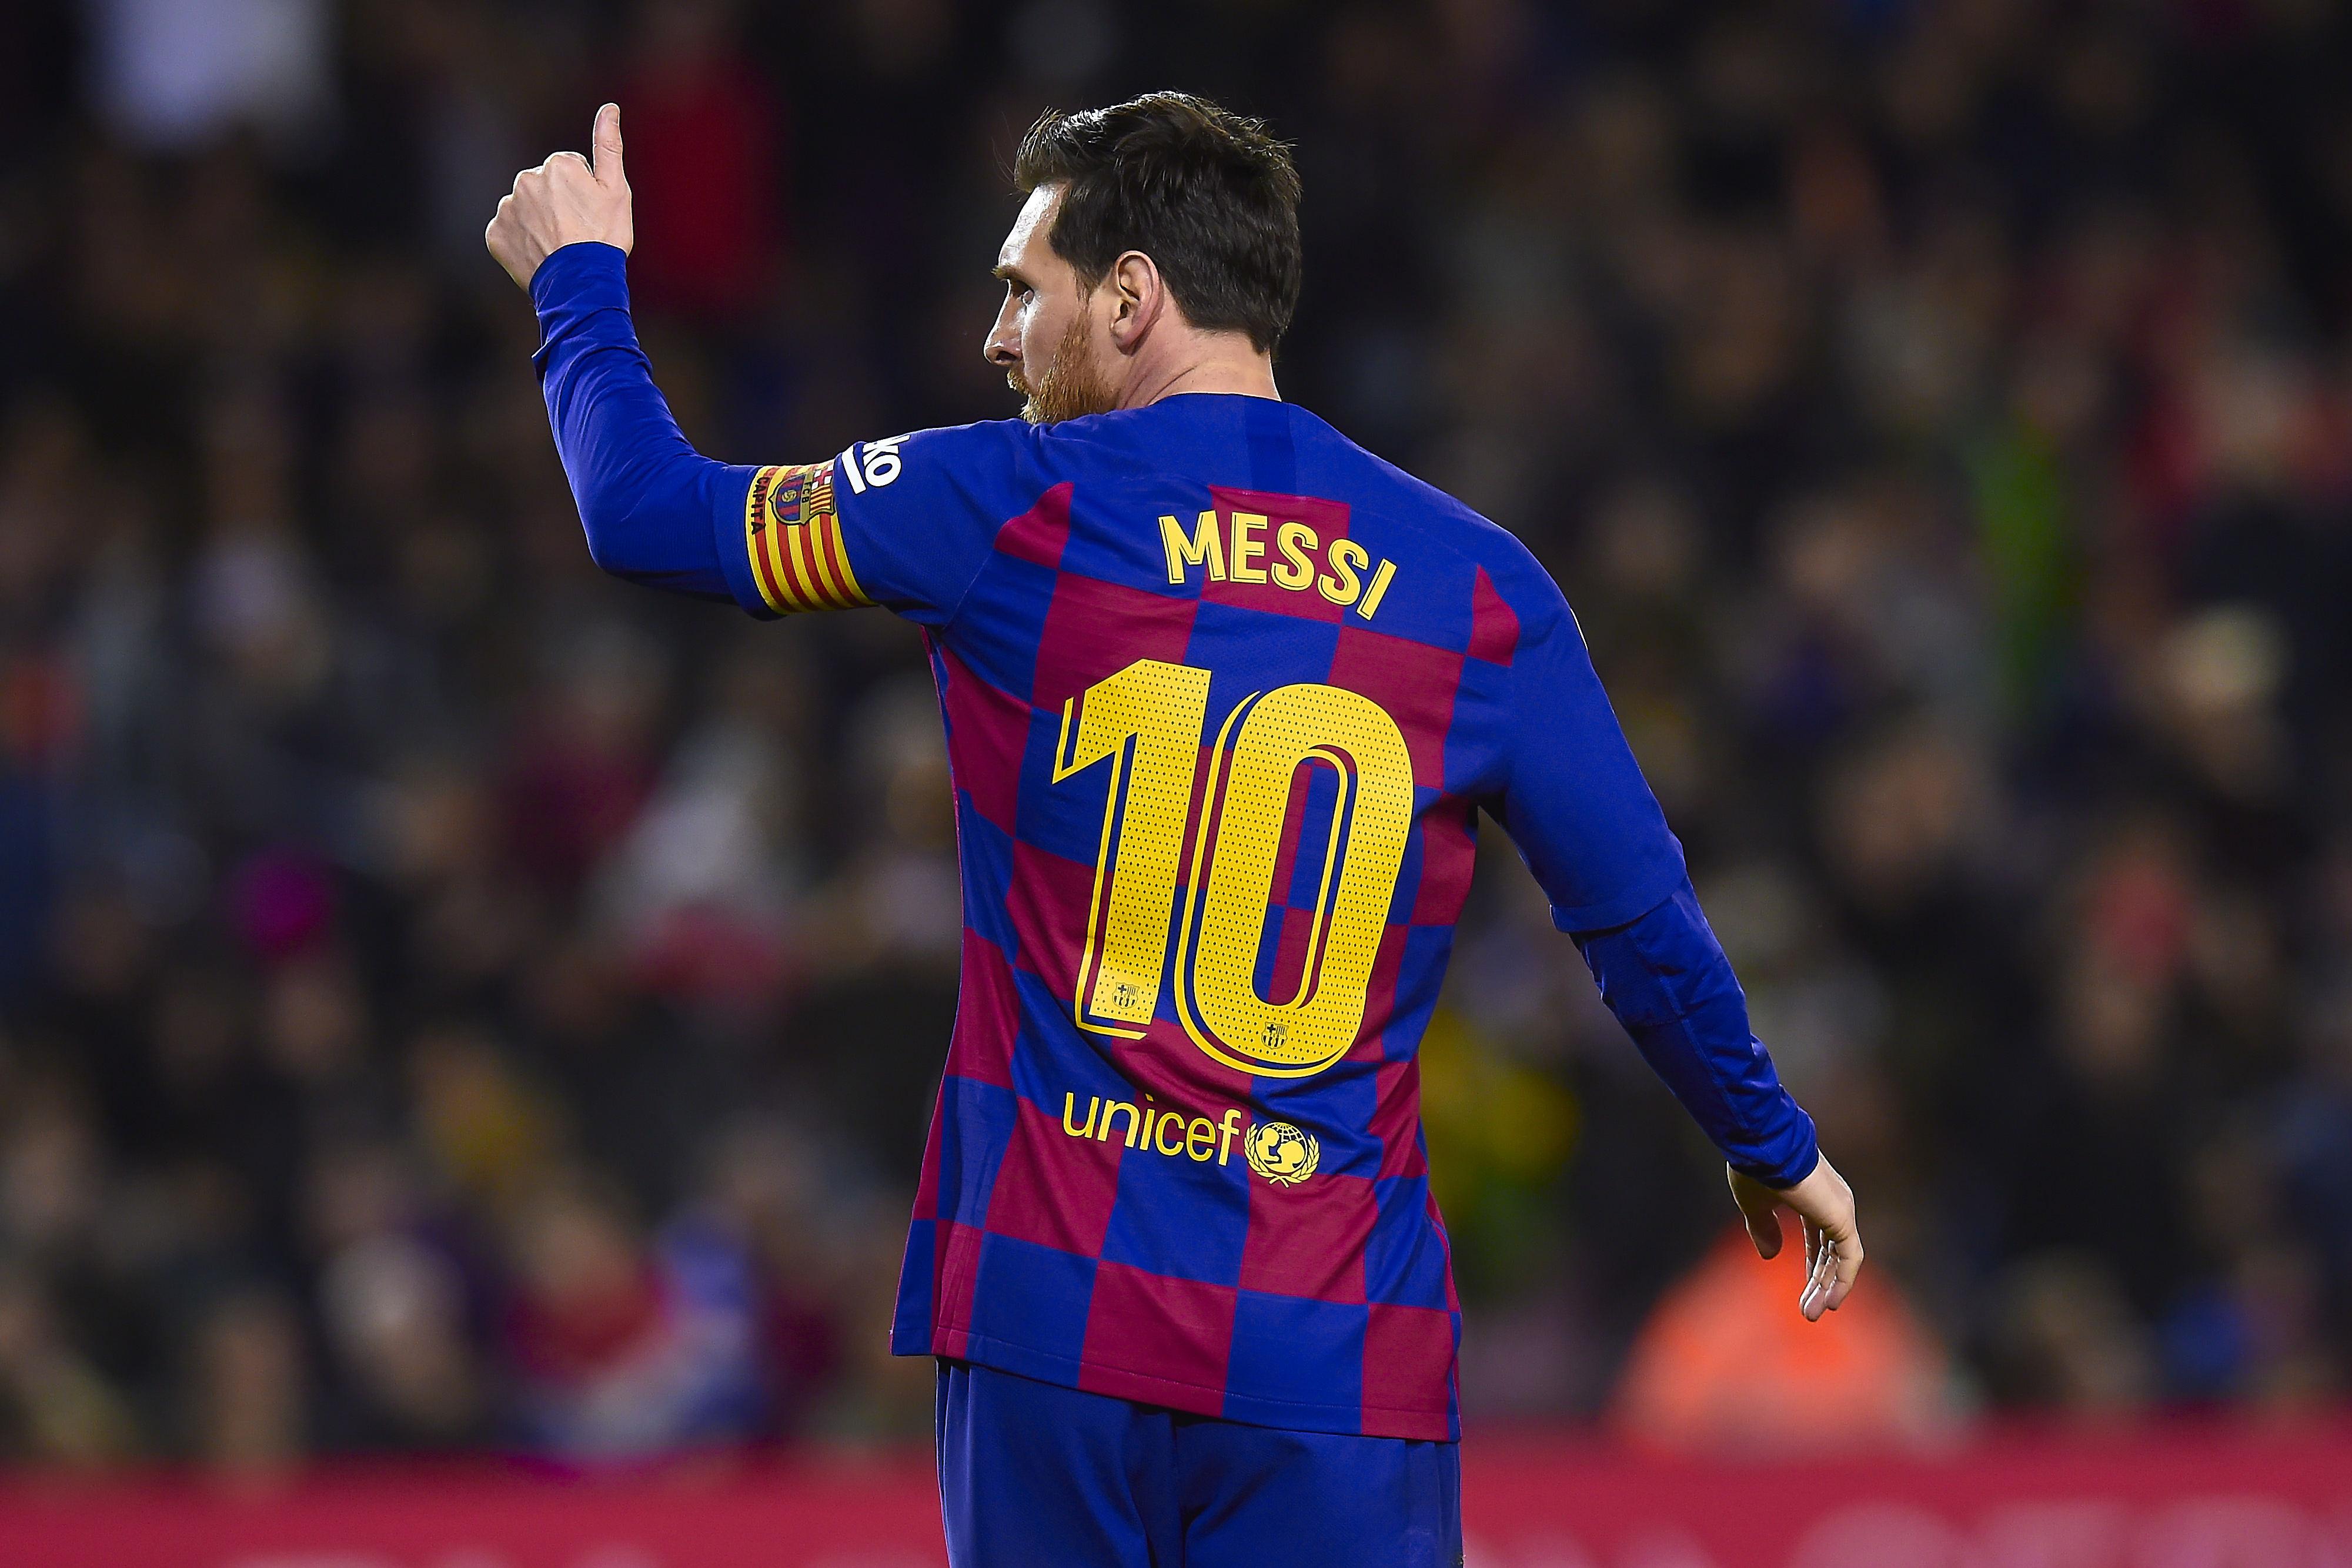 新世纪以来制造进球榜:梅西破千球居首,C罗伊布苏牙24位  足球话题区